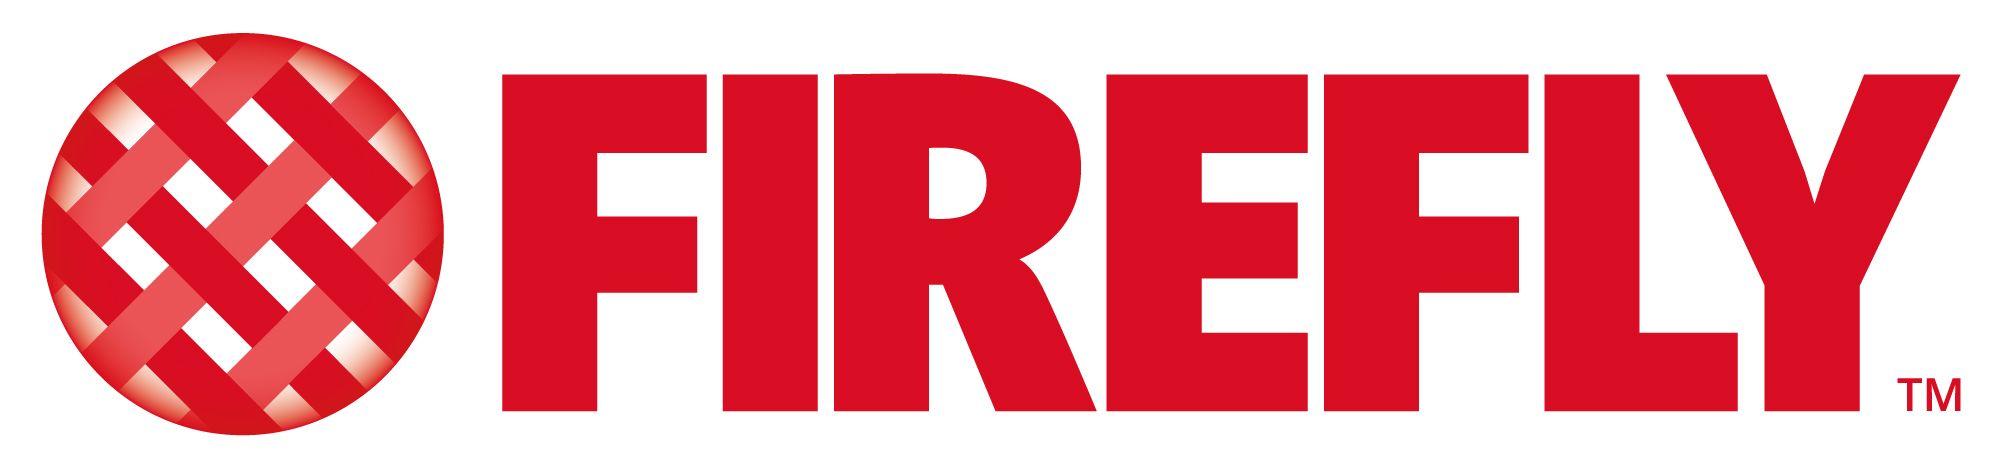 FIREFLY™